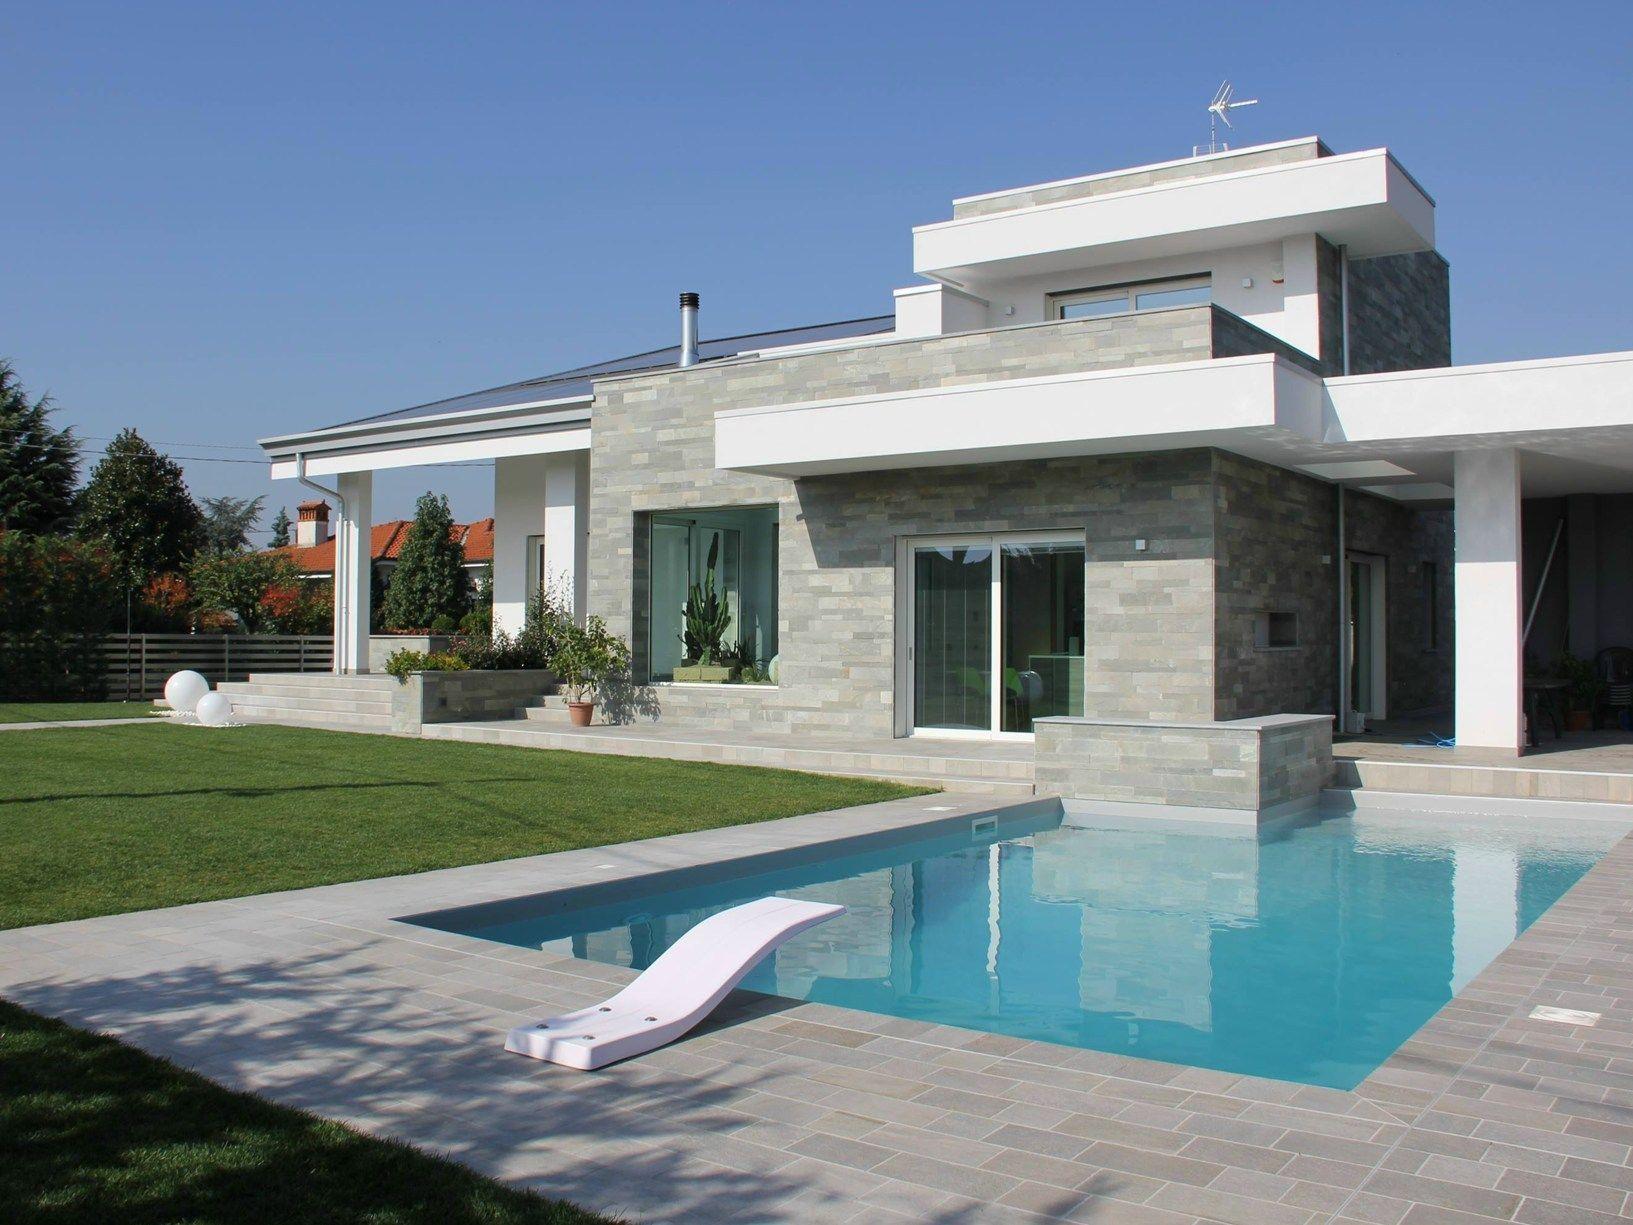 Scelta Colore Per Esterno Casa : Colore esterno casa grigio e bianco gres porcellanato pavimenti e